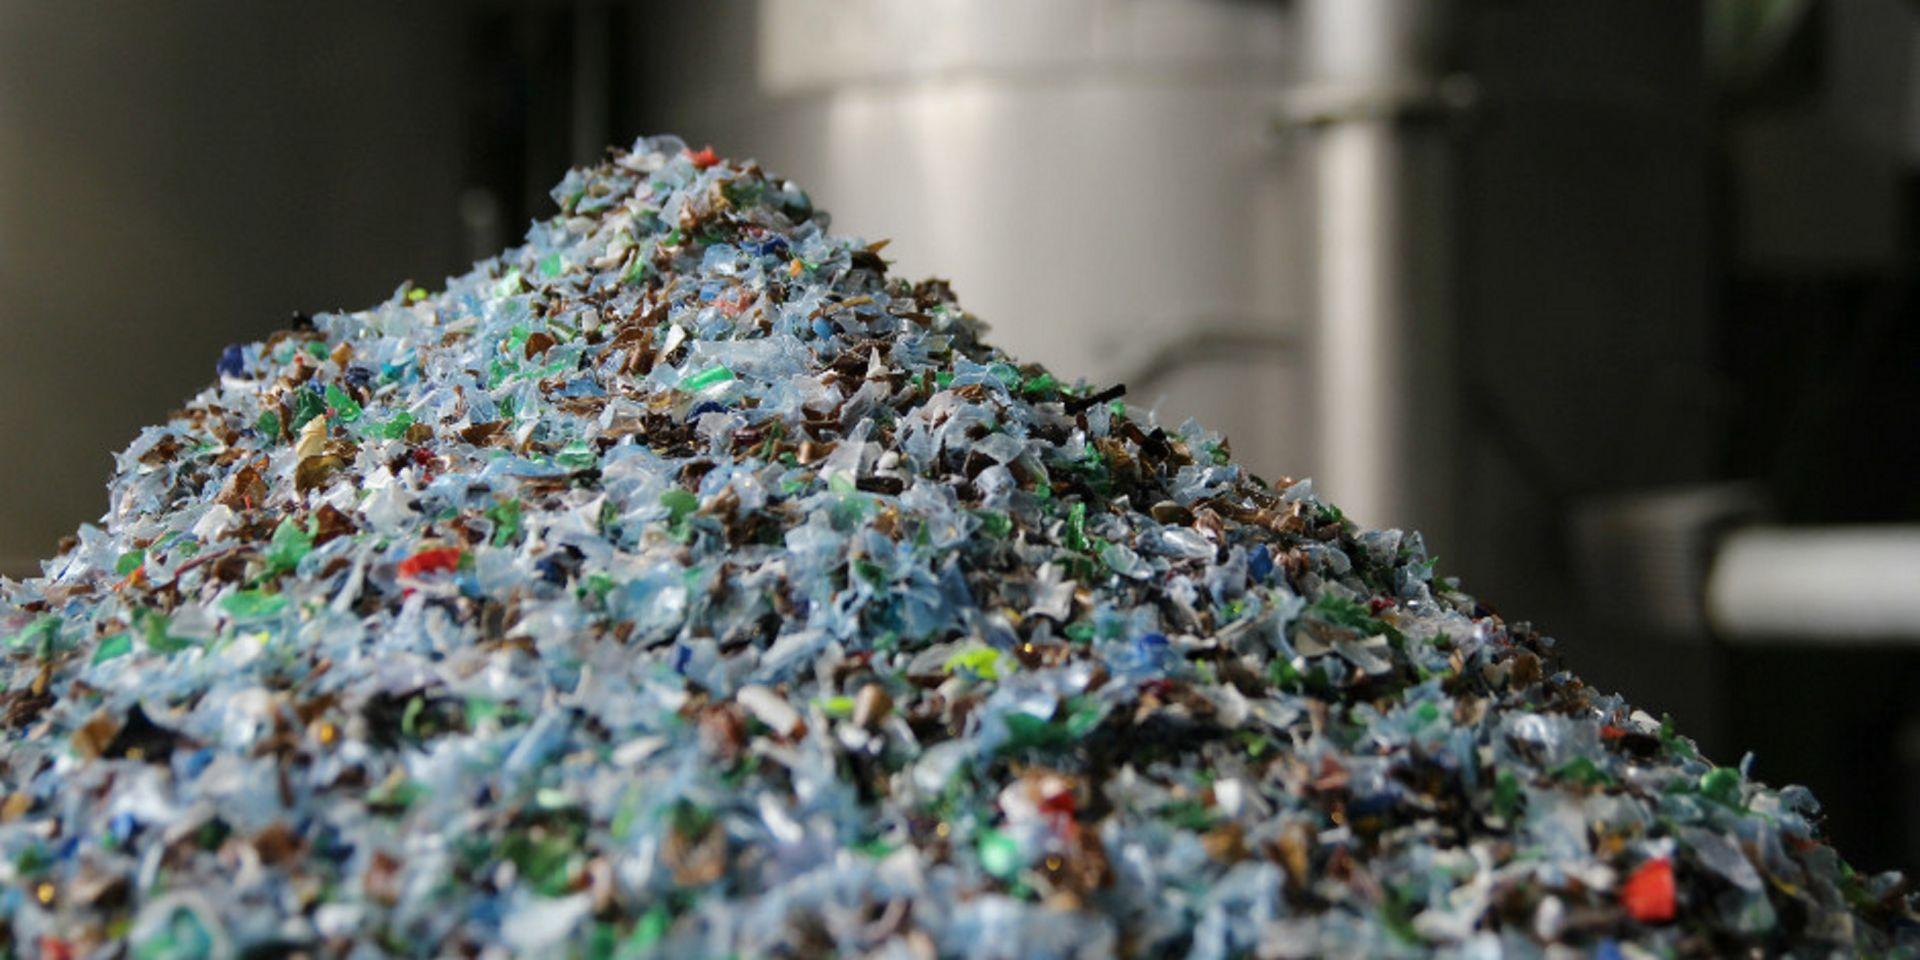 Ставрополье вошло в число 28 регионов России, где научились перерабатывать пластик